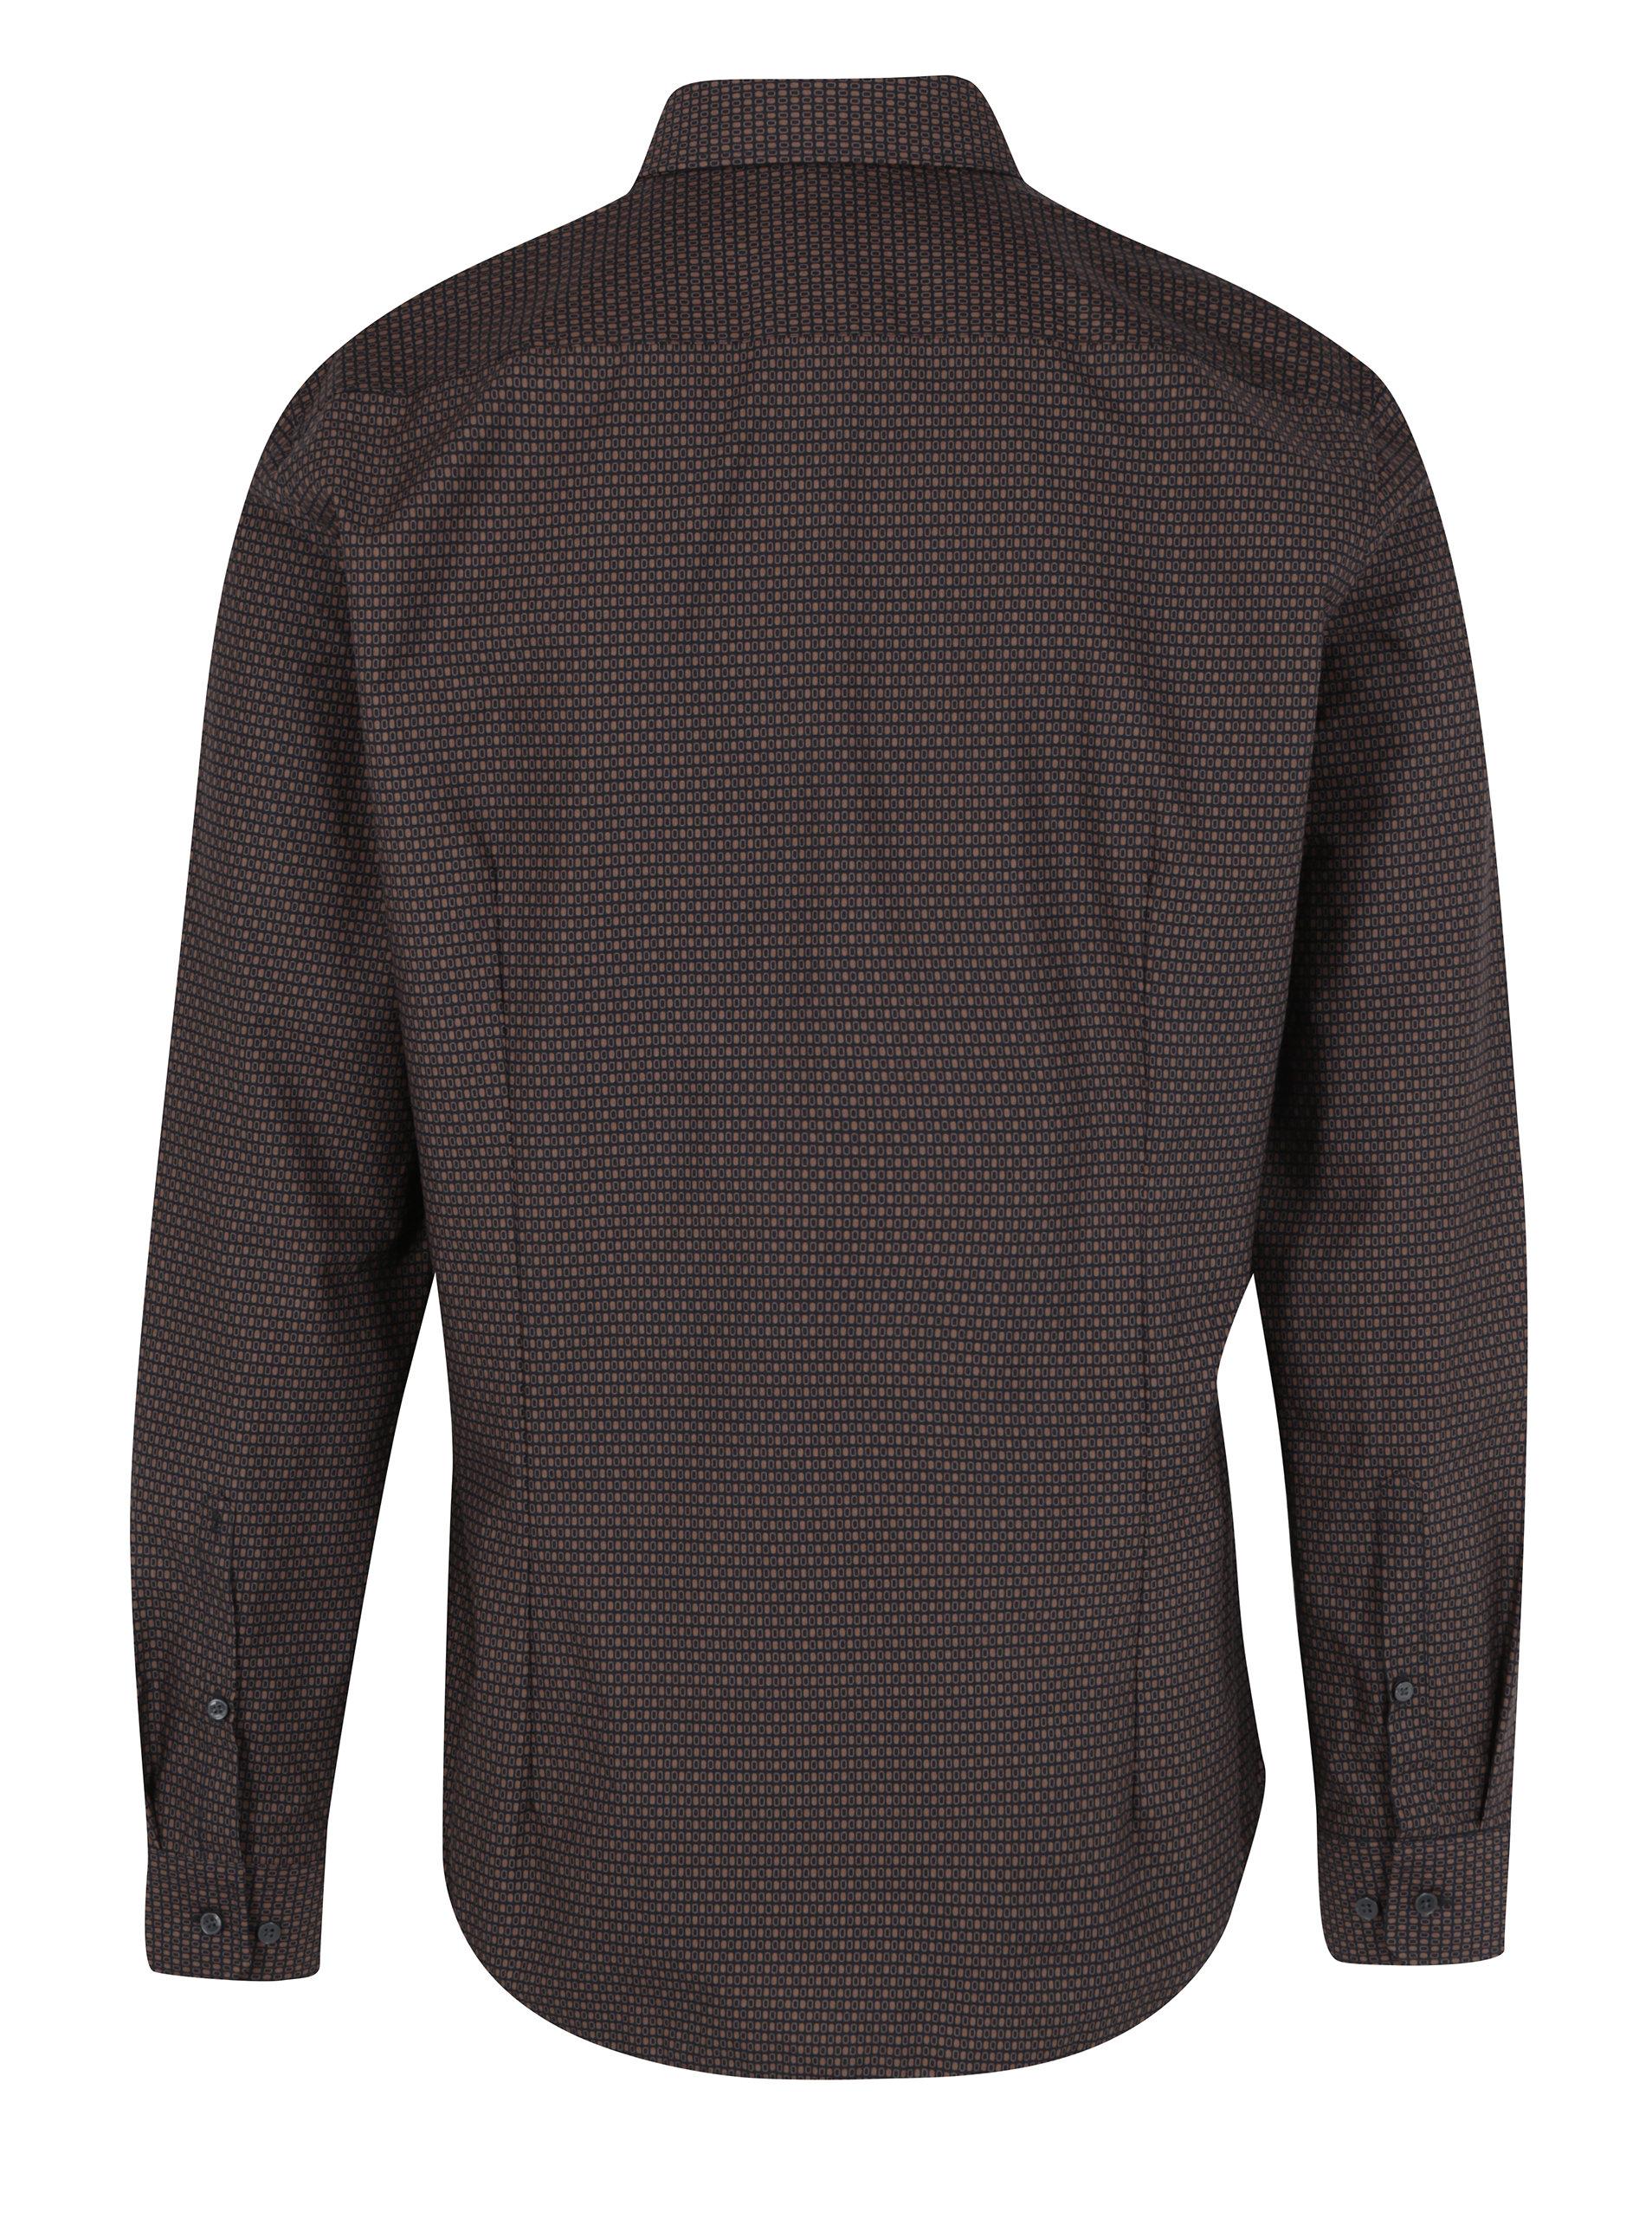 fa1b575782db Tmavohnedá slim fit vzorovaná košeľa Seidensticker ...